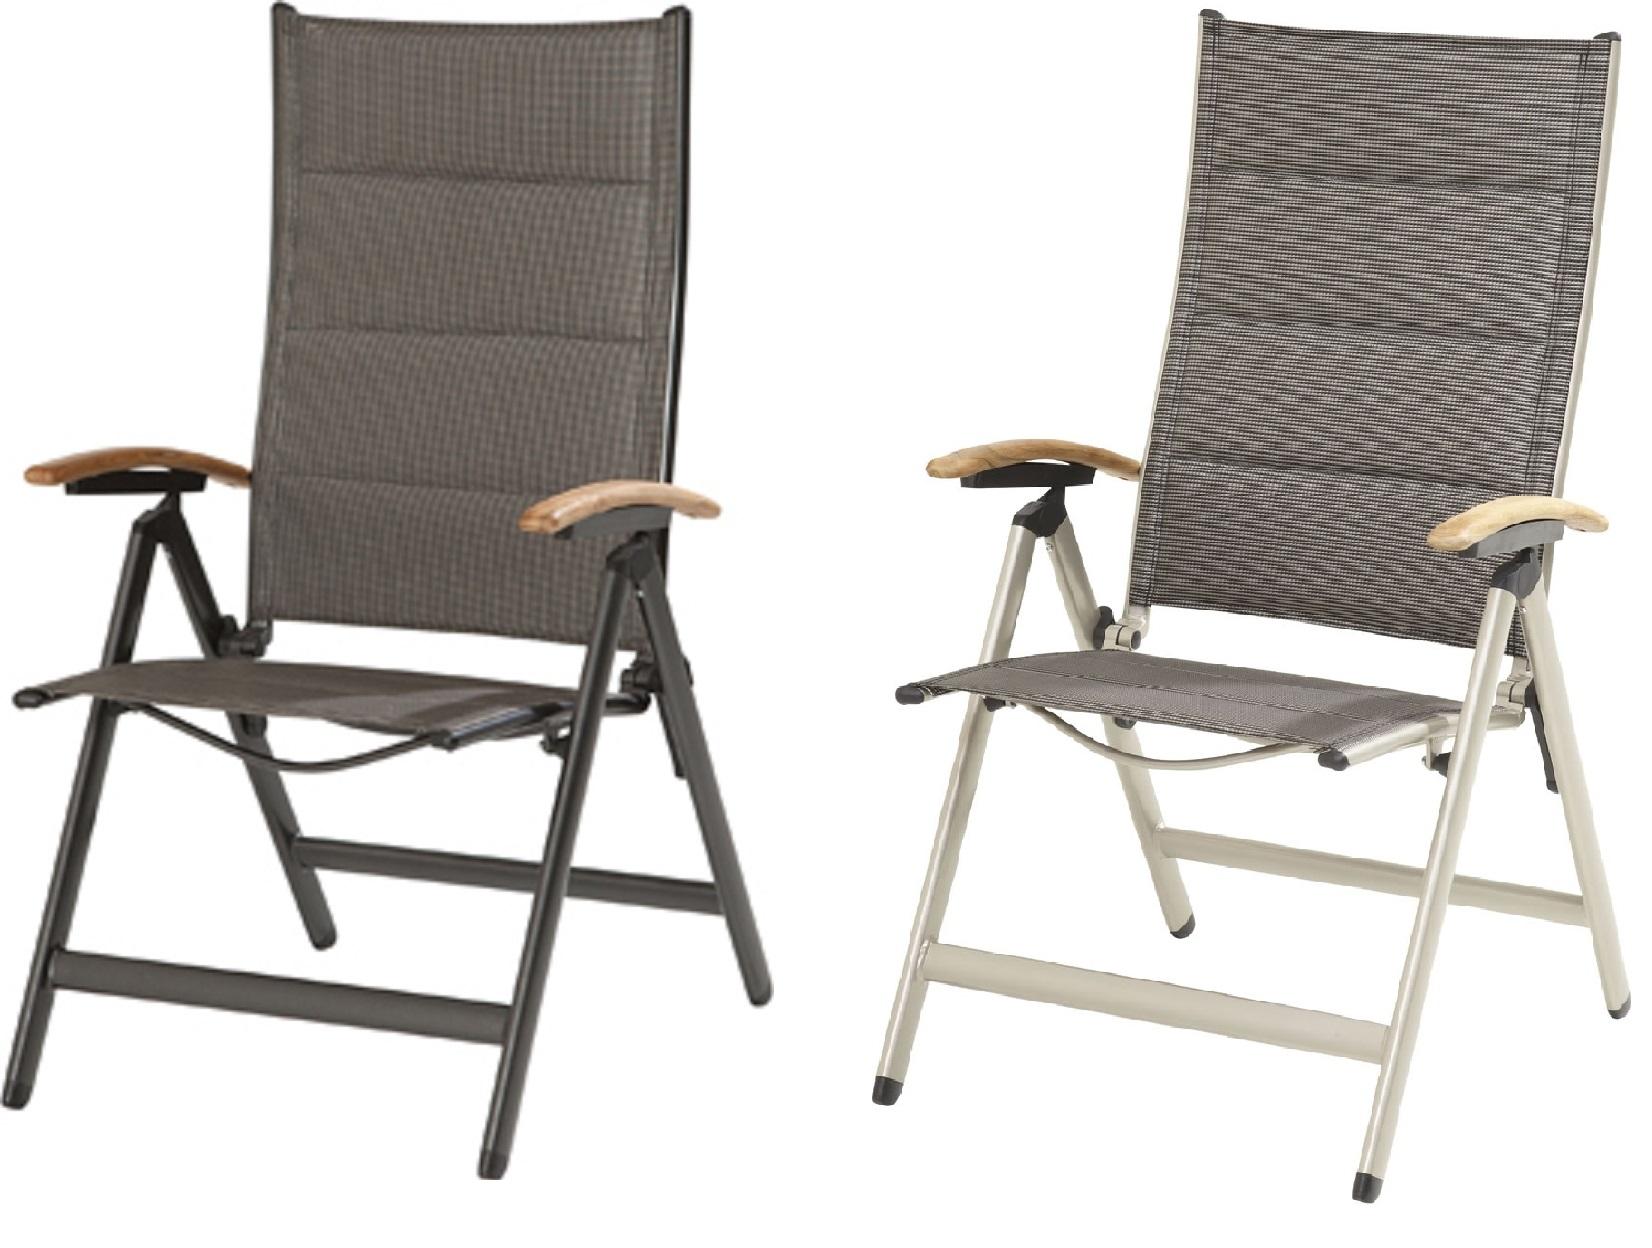 gartenst hle garten gartenm bel loungem bel und mehr von gap aktuell. Black Bedroom Furniture Sets. Home Design Ideas